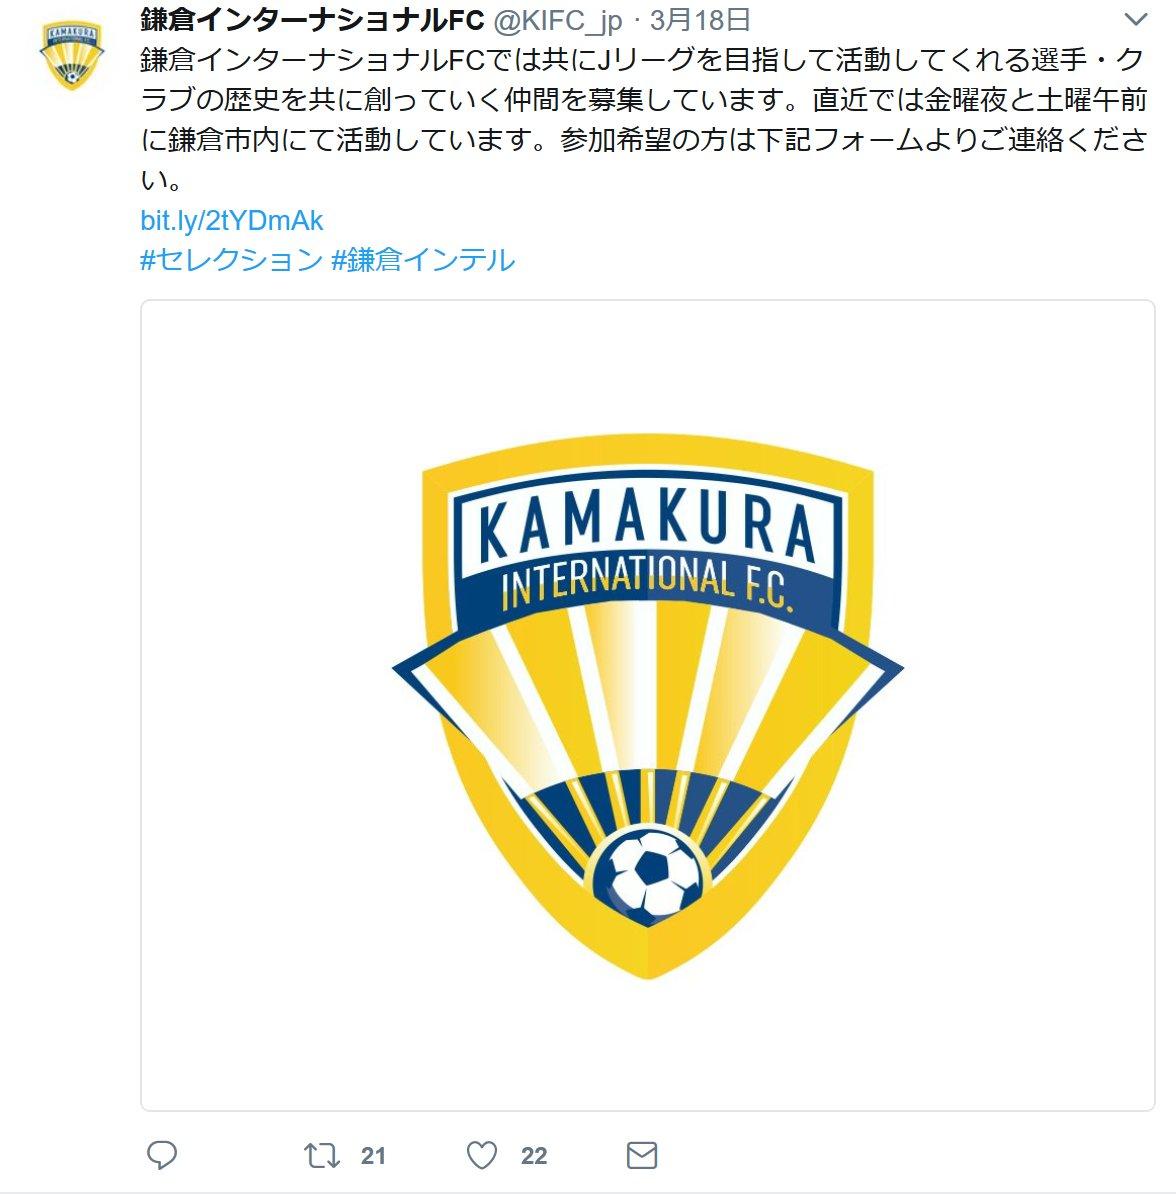 test ツイッターメディア - 修羅の国神奈川にまた一つ。しかしサッカーボールのイメージって40年以上前のまんま変わらんのかな。> FIFAワールドカップ『ボールの歴史-歴代ボールの全記録-』 | まにあ道 https://t.co/YQMdZCQUCJ @maniadoさんから https://t.co/FYCpu2BXQw